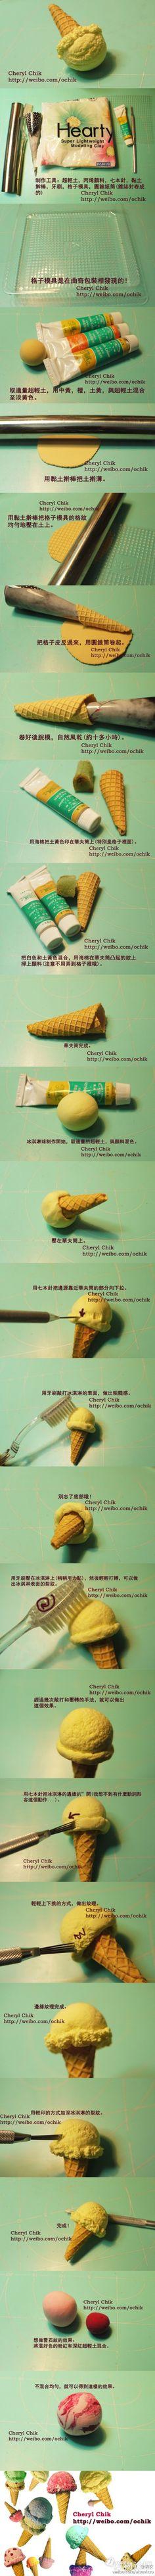 #森女专访#粘土达人@植怪怪 :手作怎能少了天马行空的创意http://t.cn/zTKLIMi